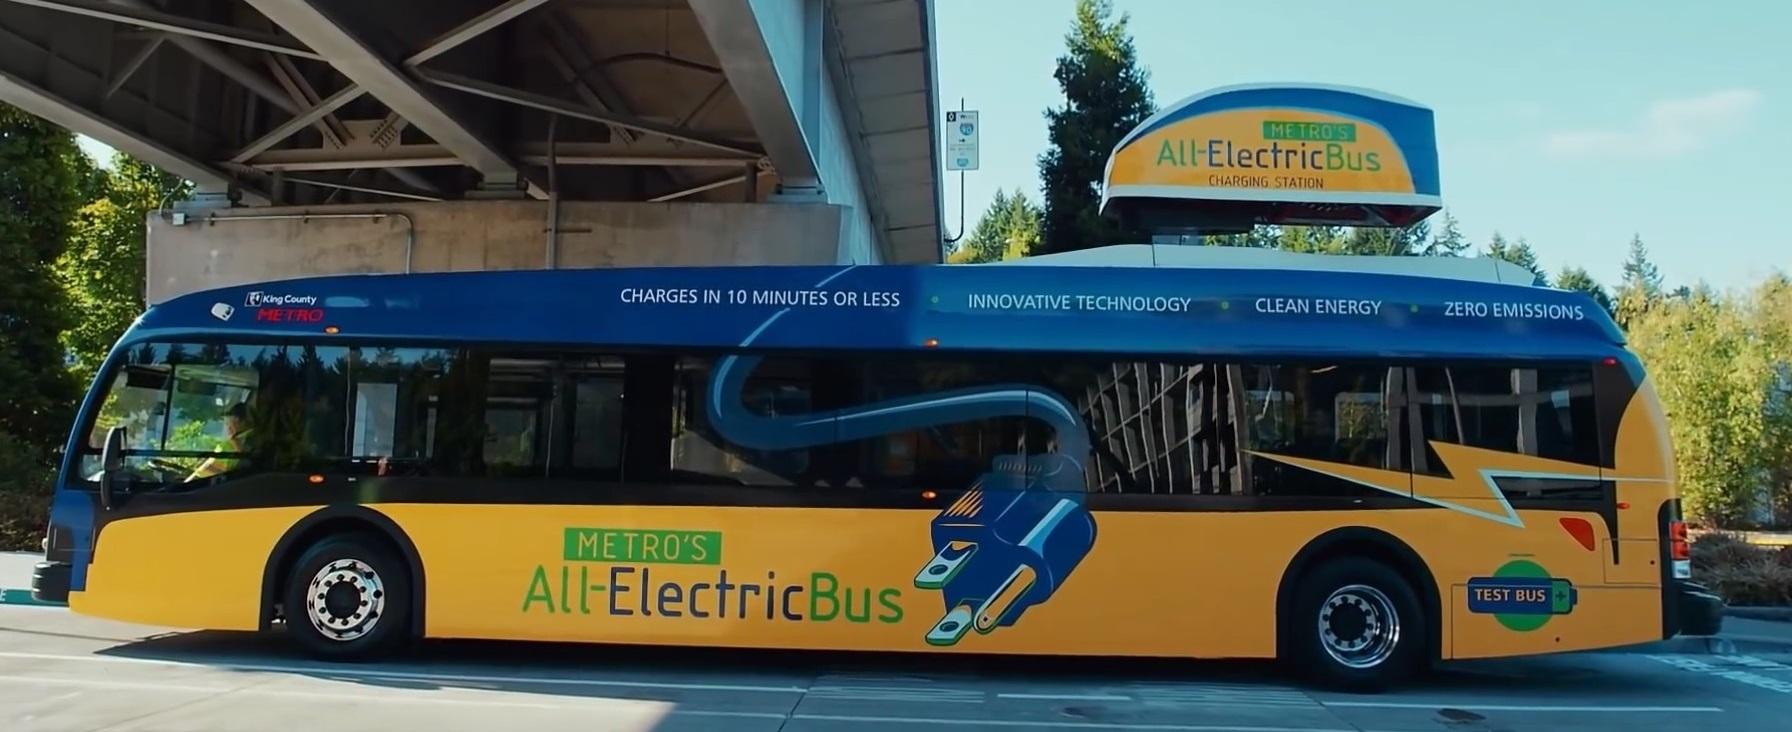 Округ Кінг закупить 120 електроавтобусів до 2020 року